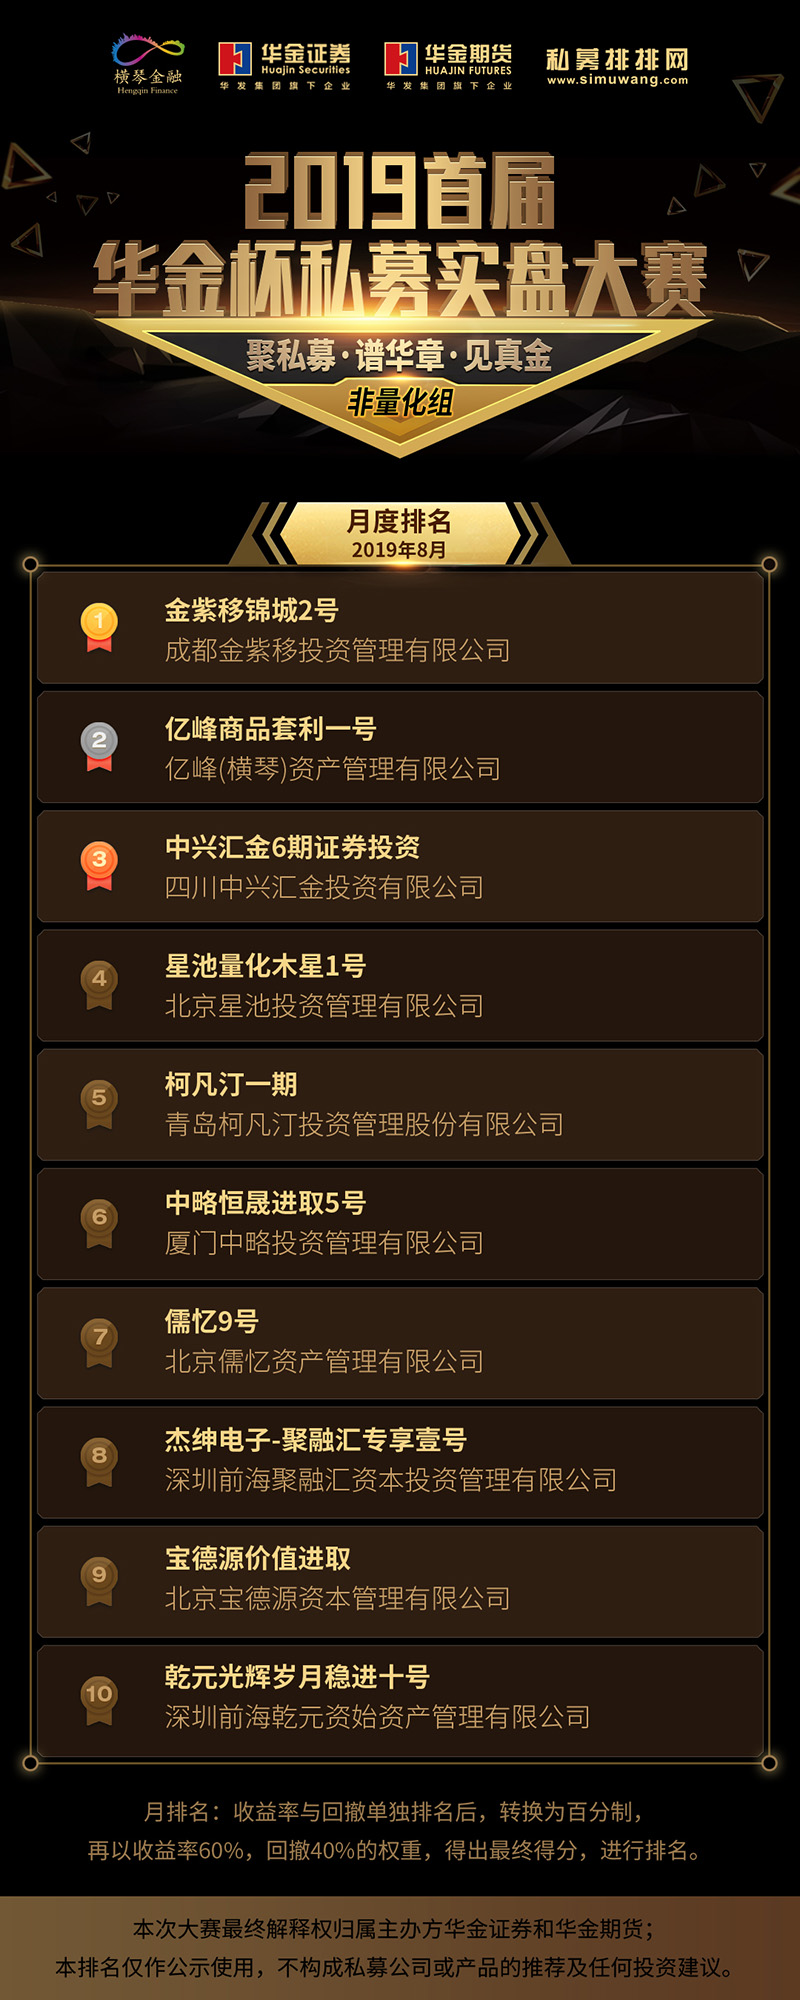 榜单1.jpg